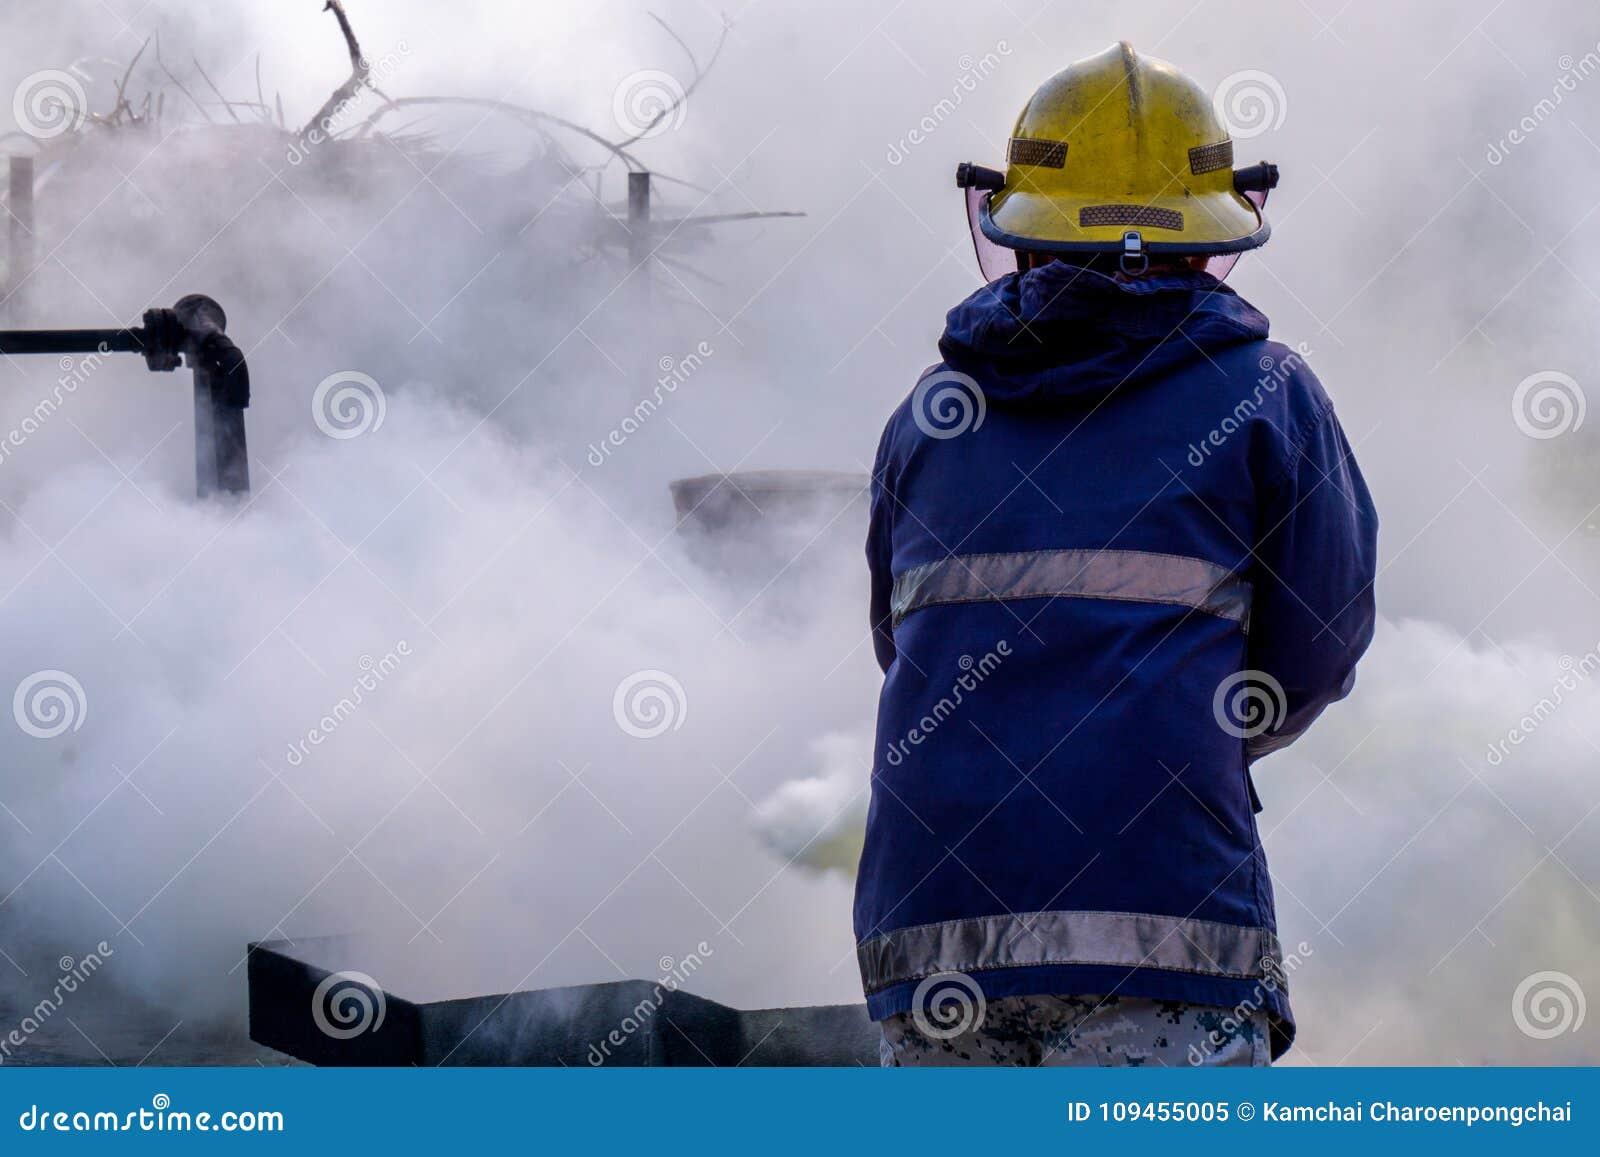 Углекислотный огнетушитель СО2 пользы пожарного для того чтобы потушить огонь создает белый дым и испаряет